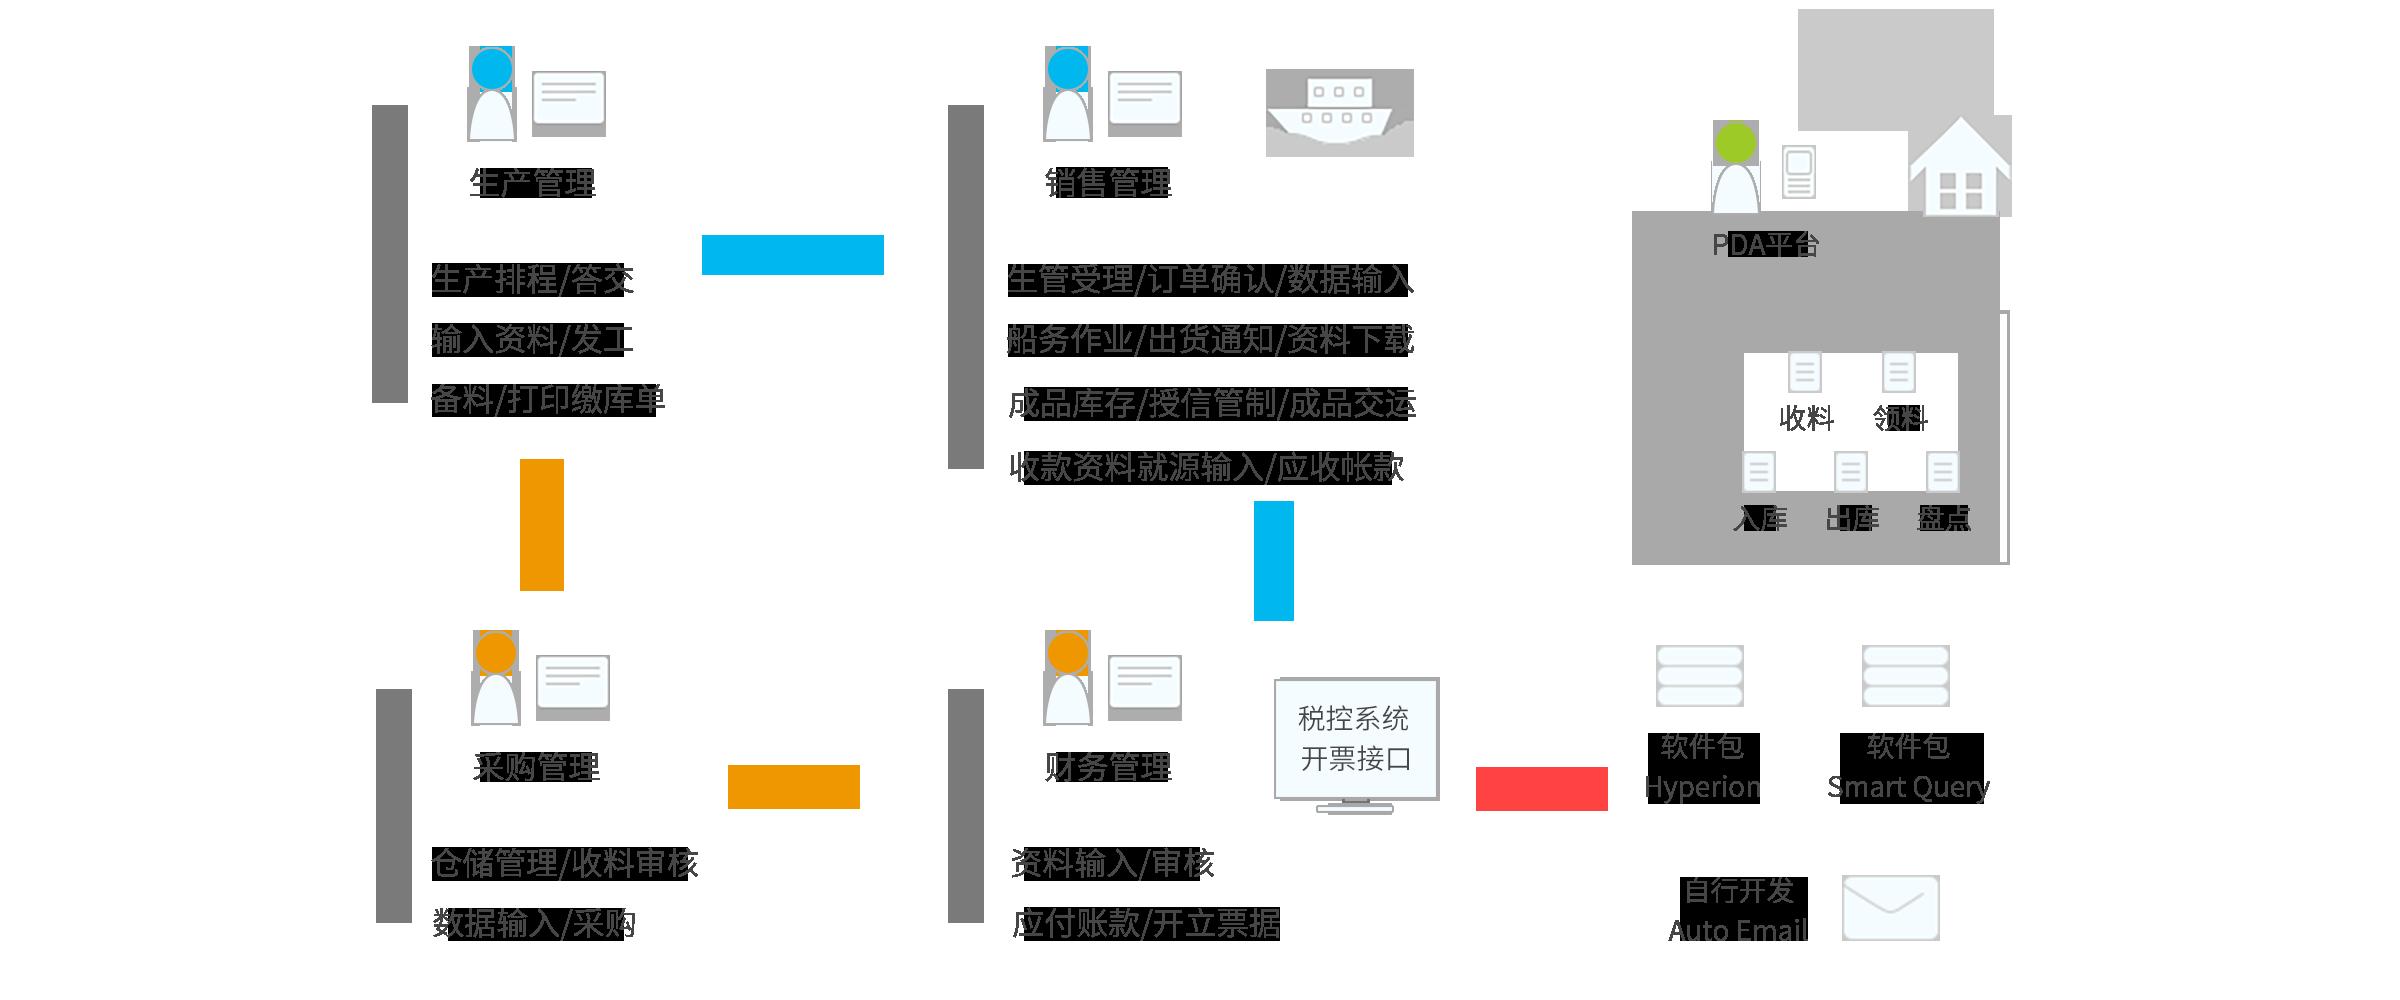 速飞ERP系统架构